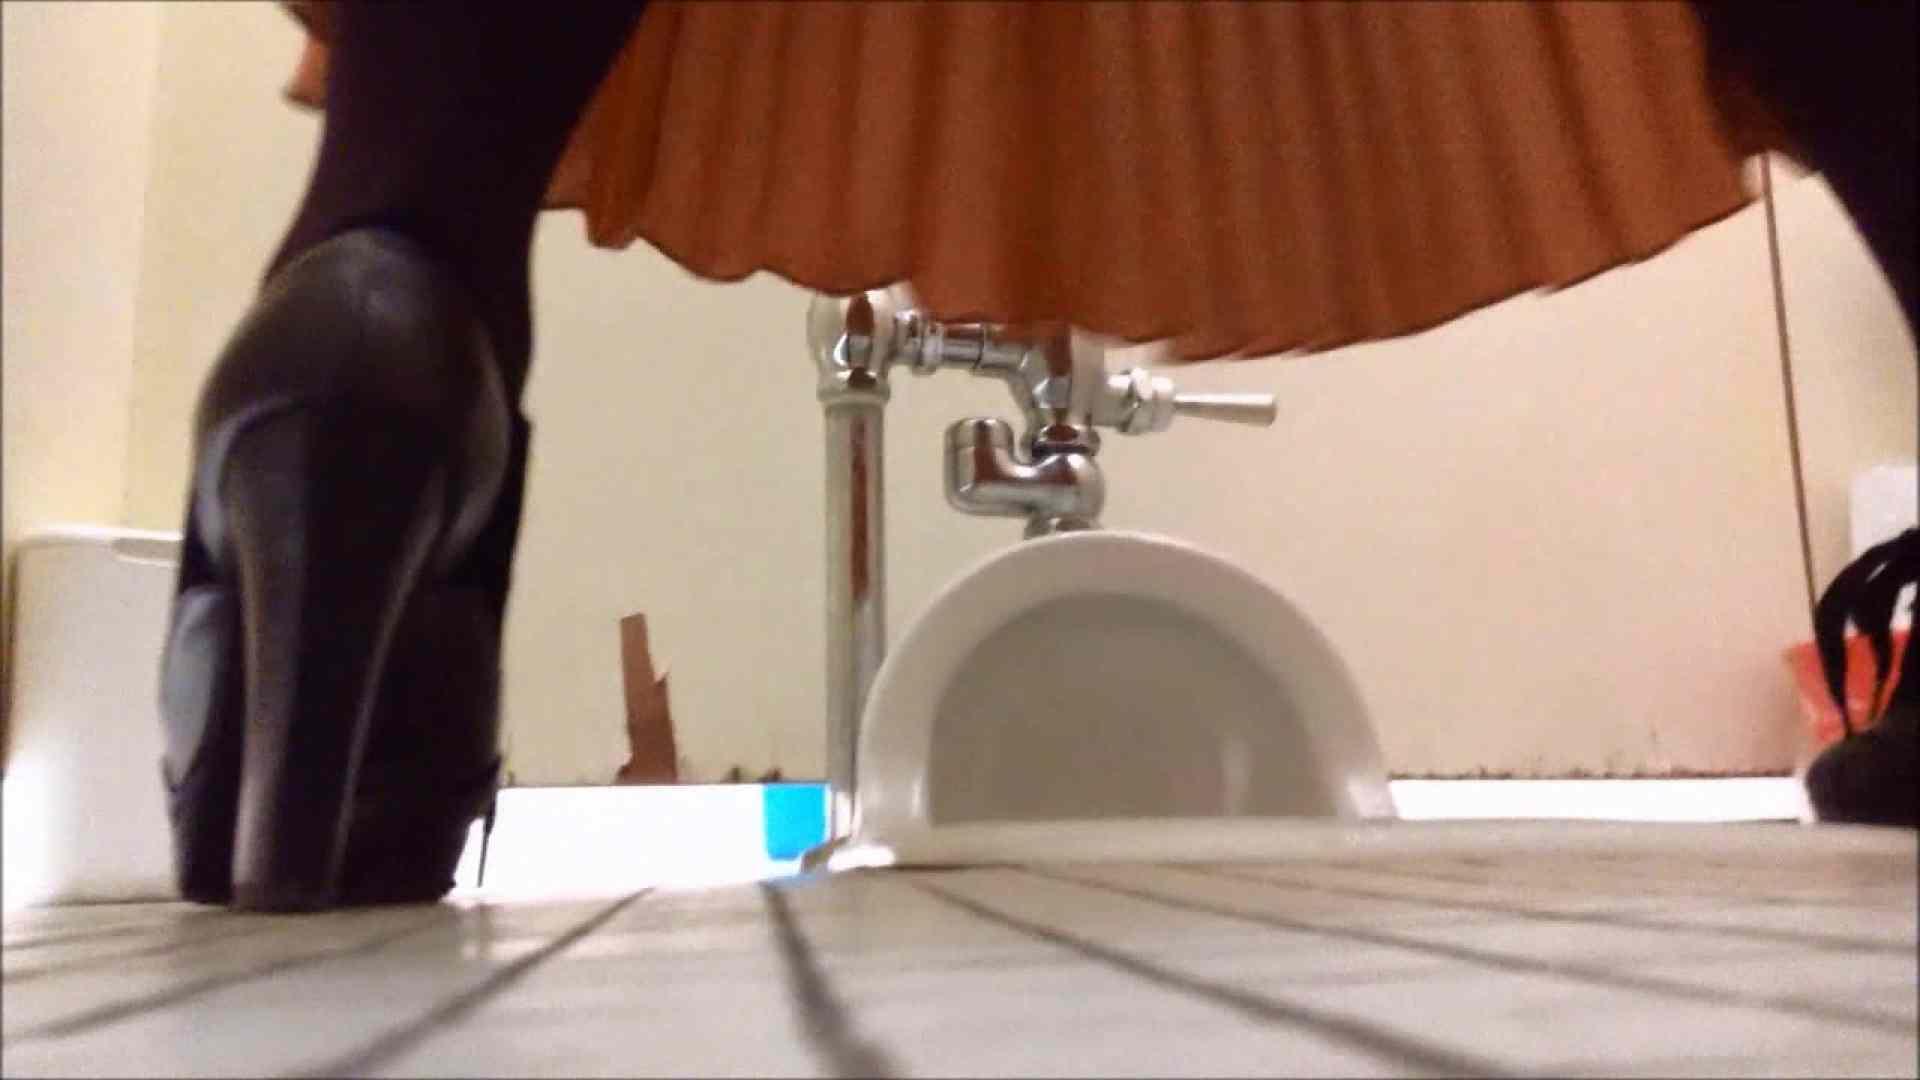 某有名大学女性洗面所 vol.08 洗面所 のぞきエロ無料画像 58pic 8